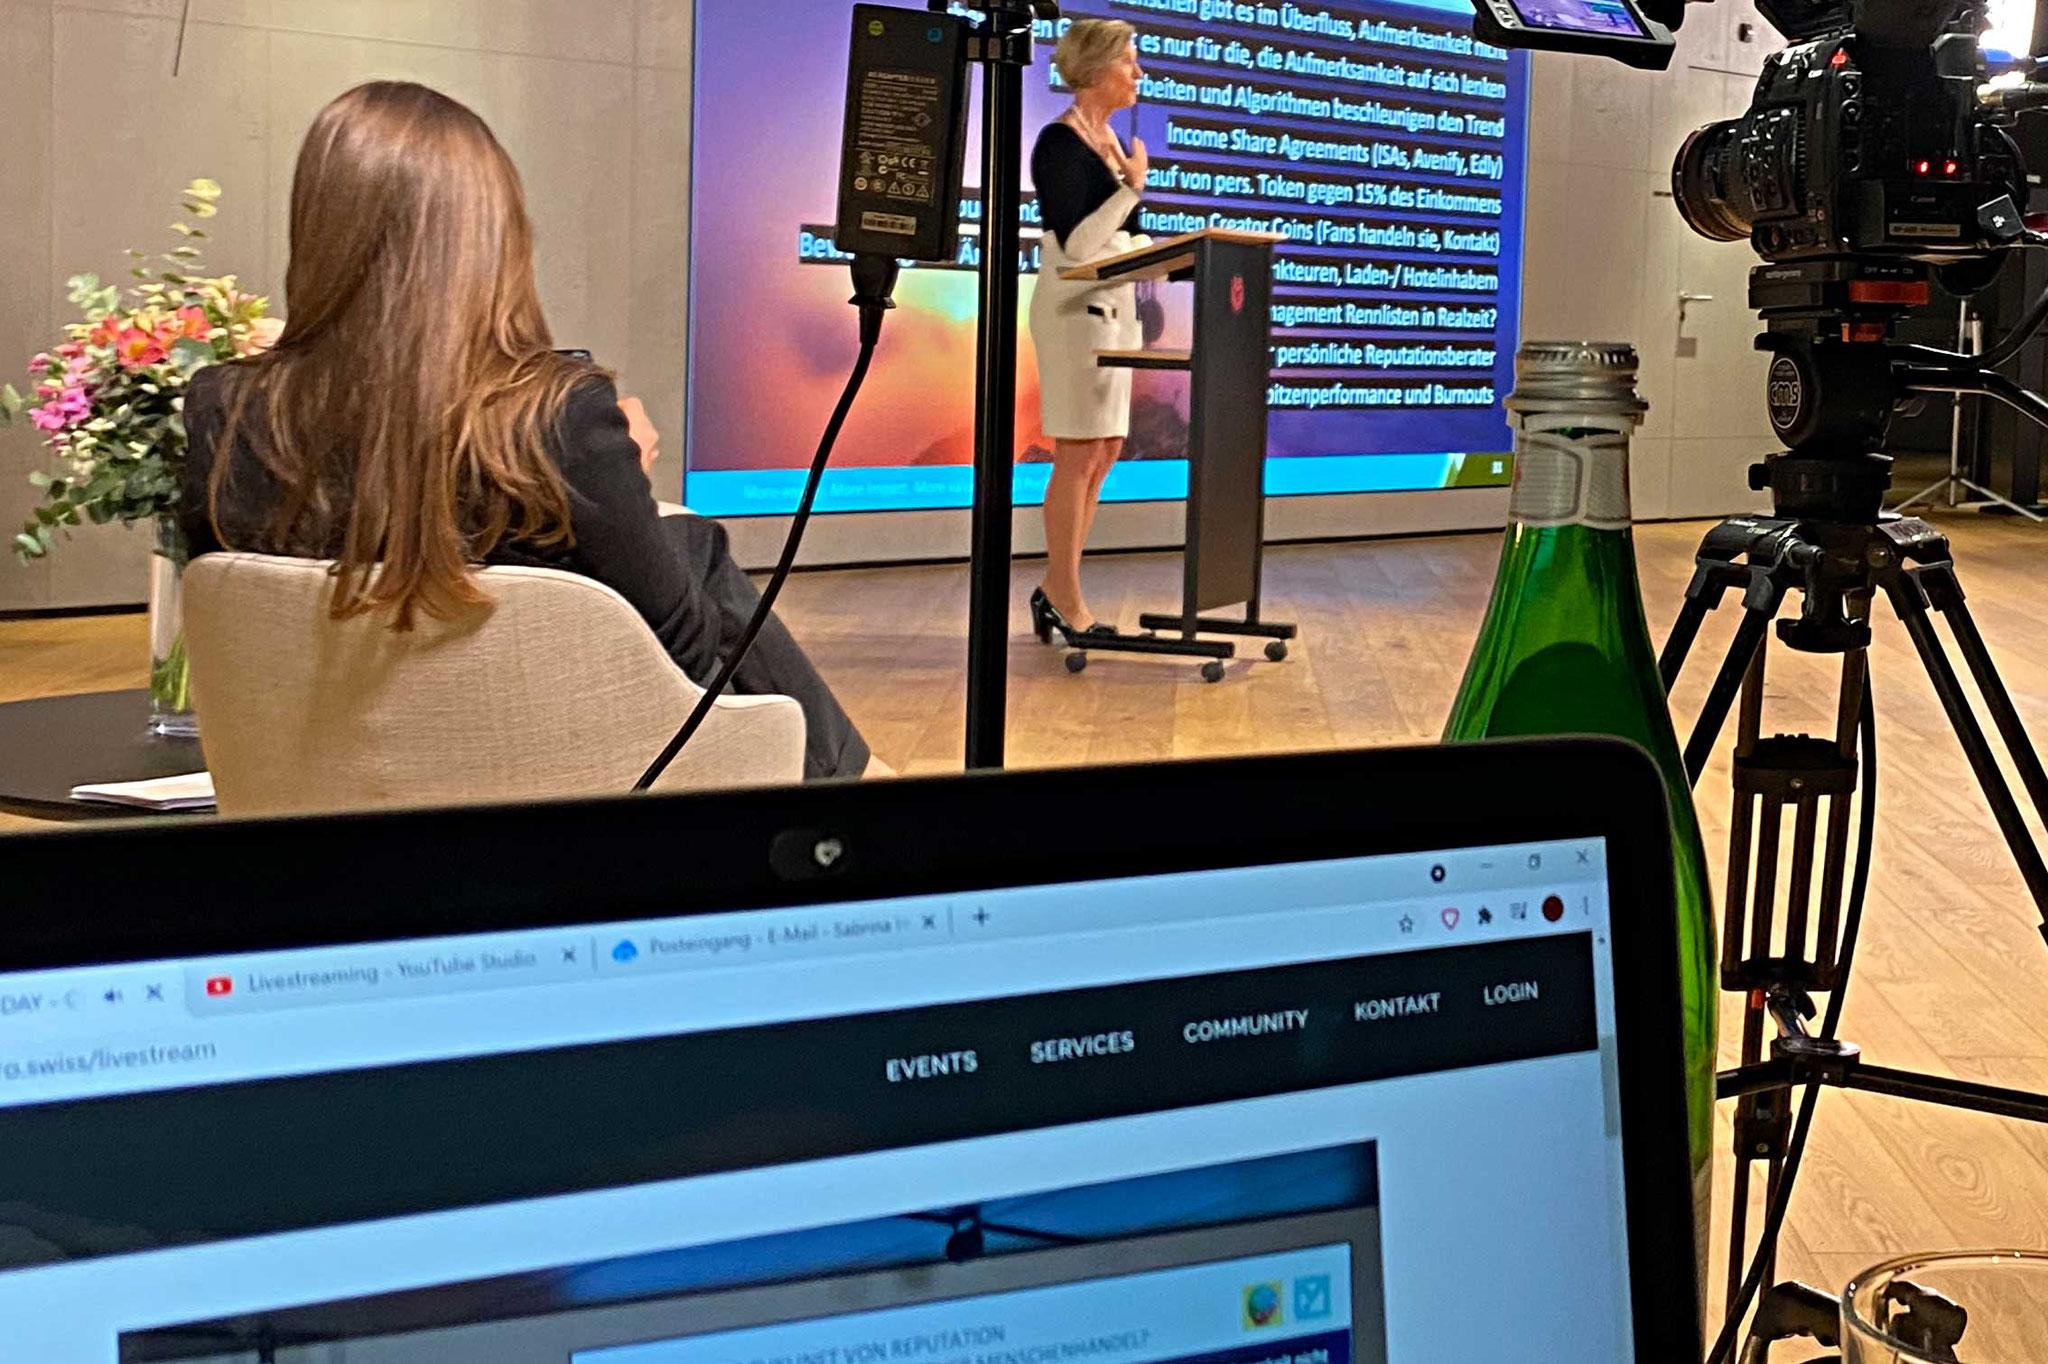 Referentin Susanne Müller Zantop, Founder und Chairwoman der CEO Positions AG